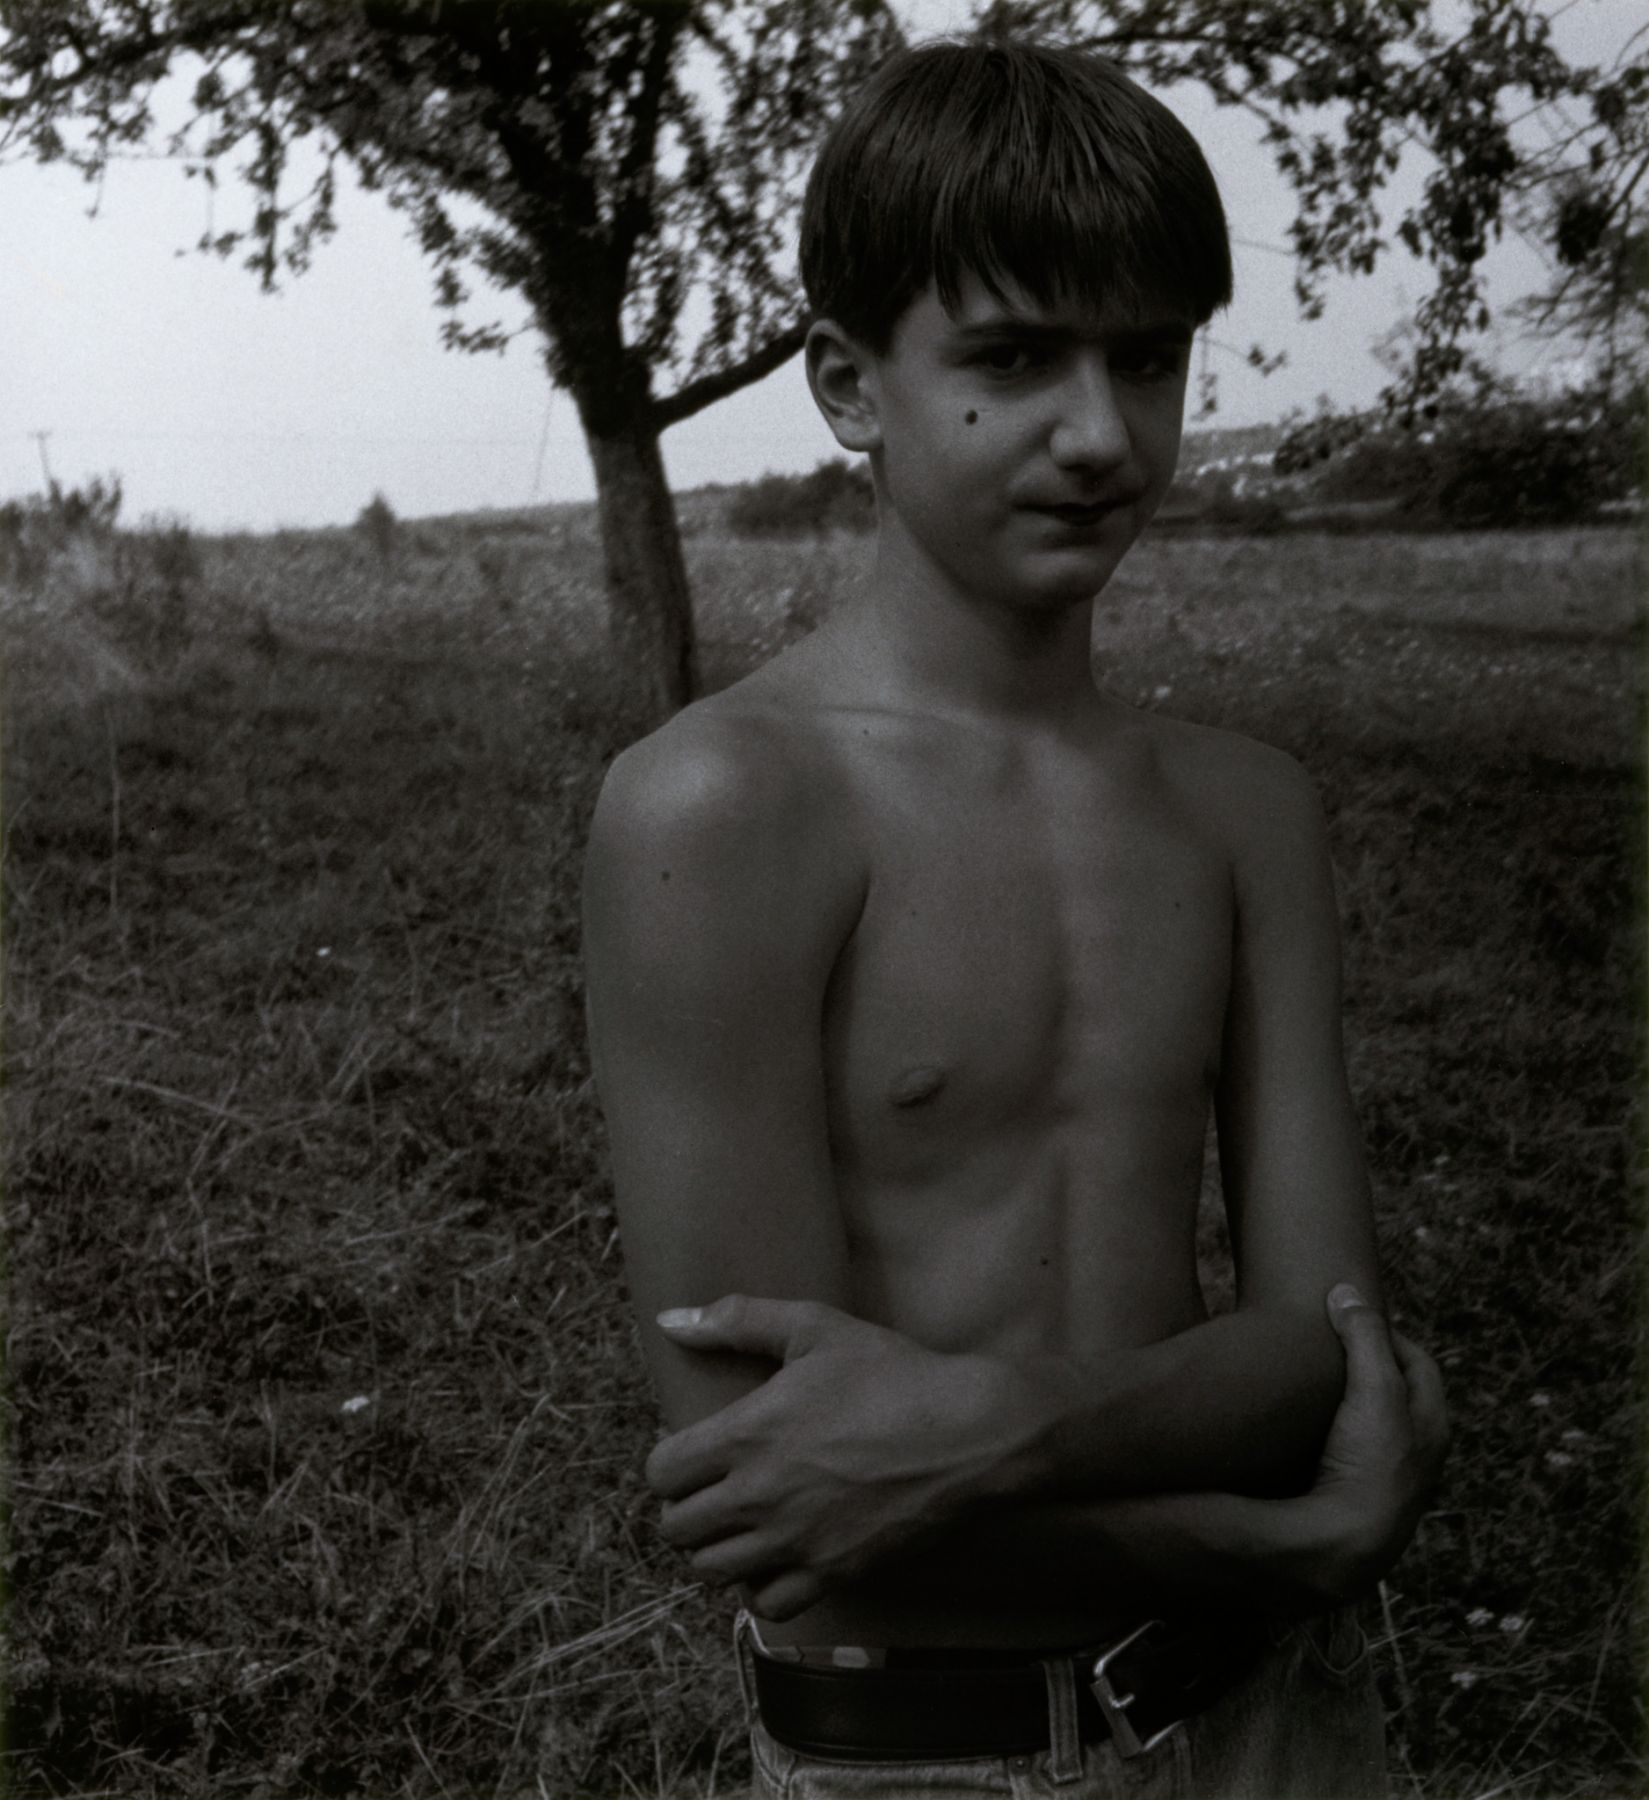 Collier Schorr, James Purdy's Boy, 1994